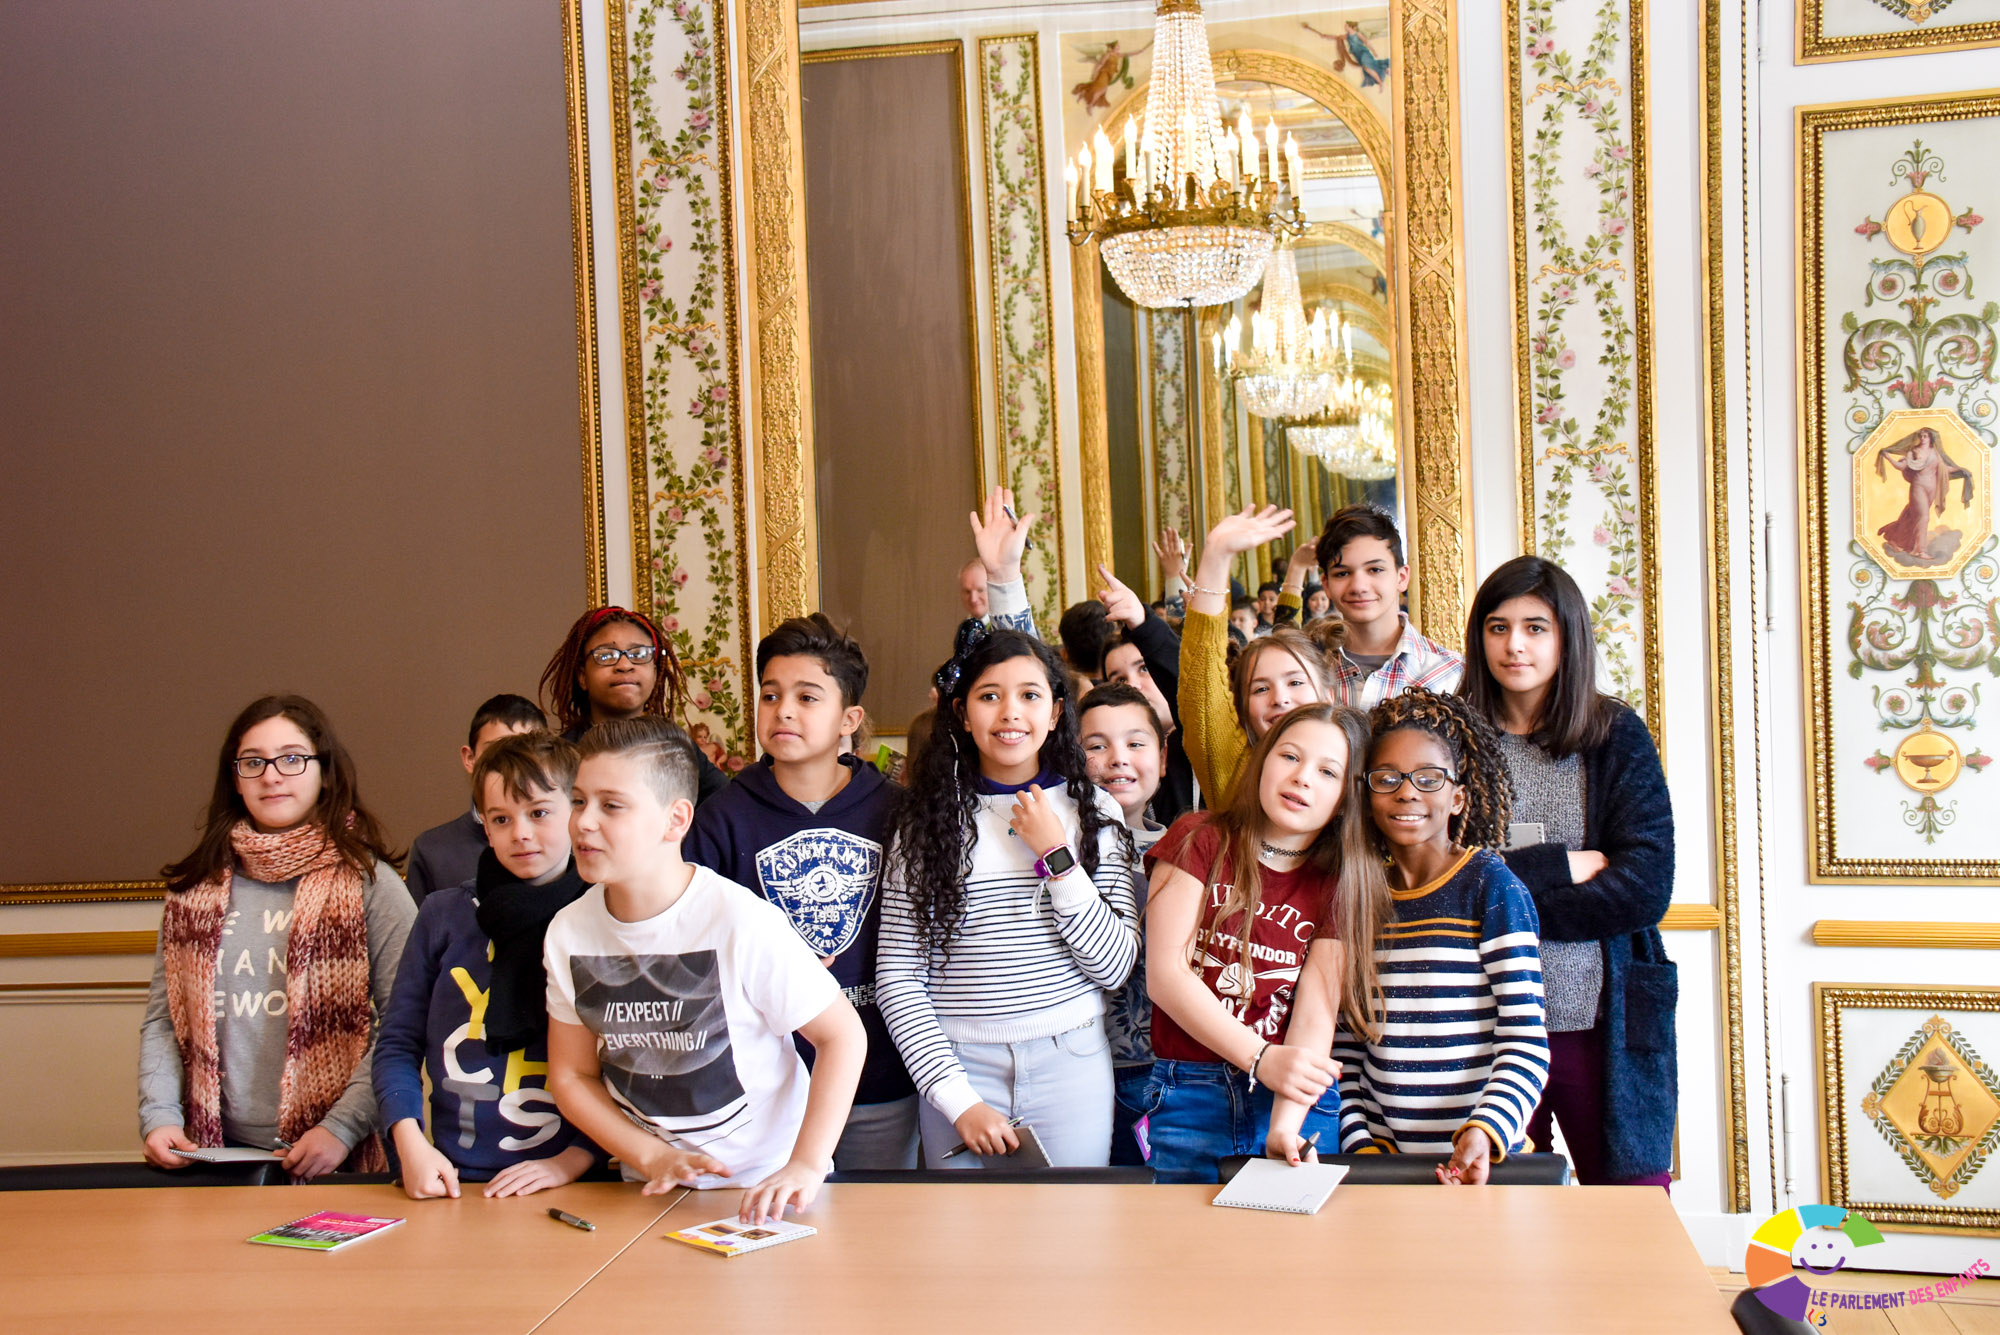 École fondamentale communale de Mabotte - Jemeppe-sur-Meuse